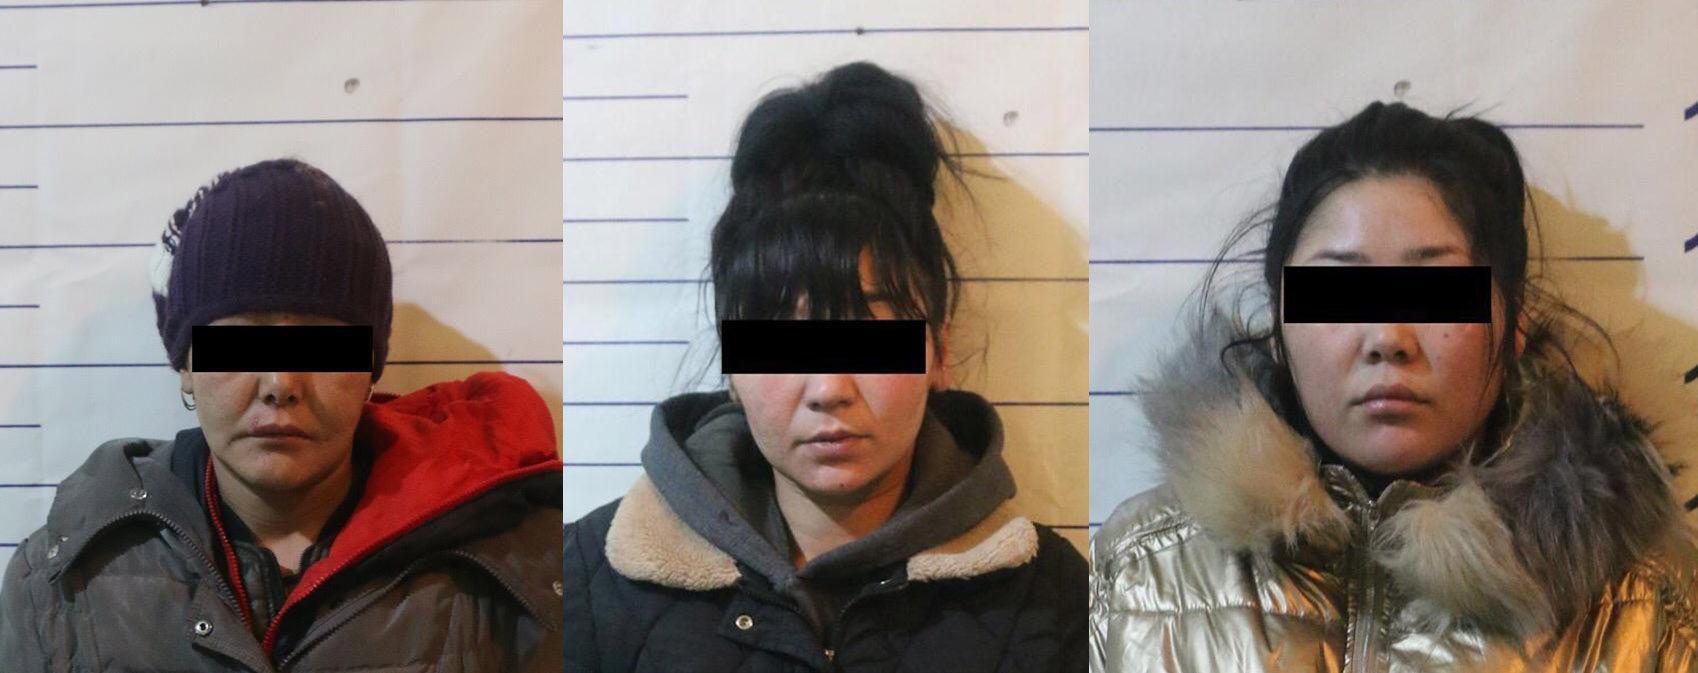 Задержаны три женщины, подозреваемые в вовлечении несовершеннолетней в занятия проституцией в Бишкеке